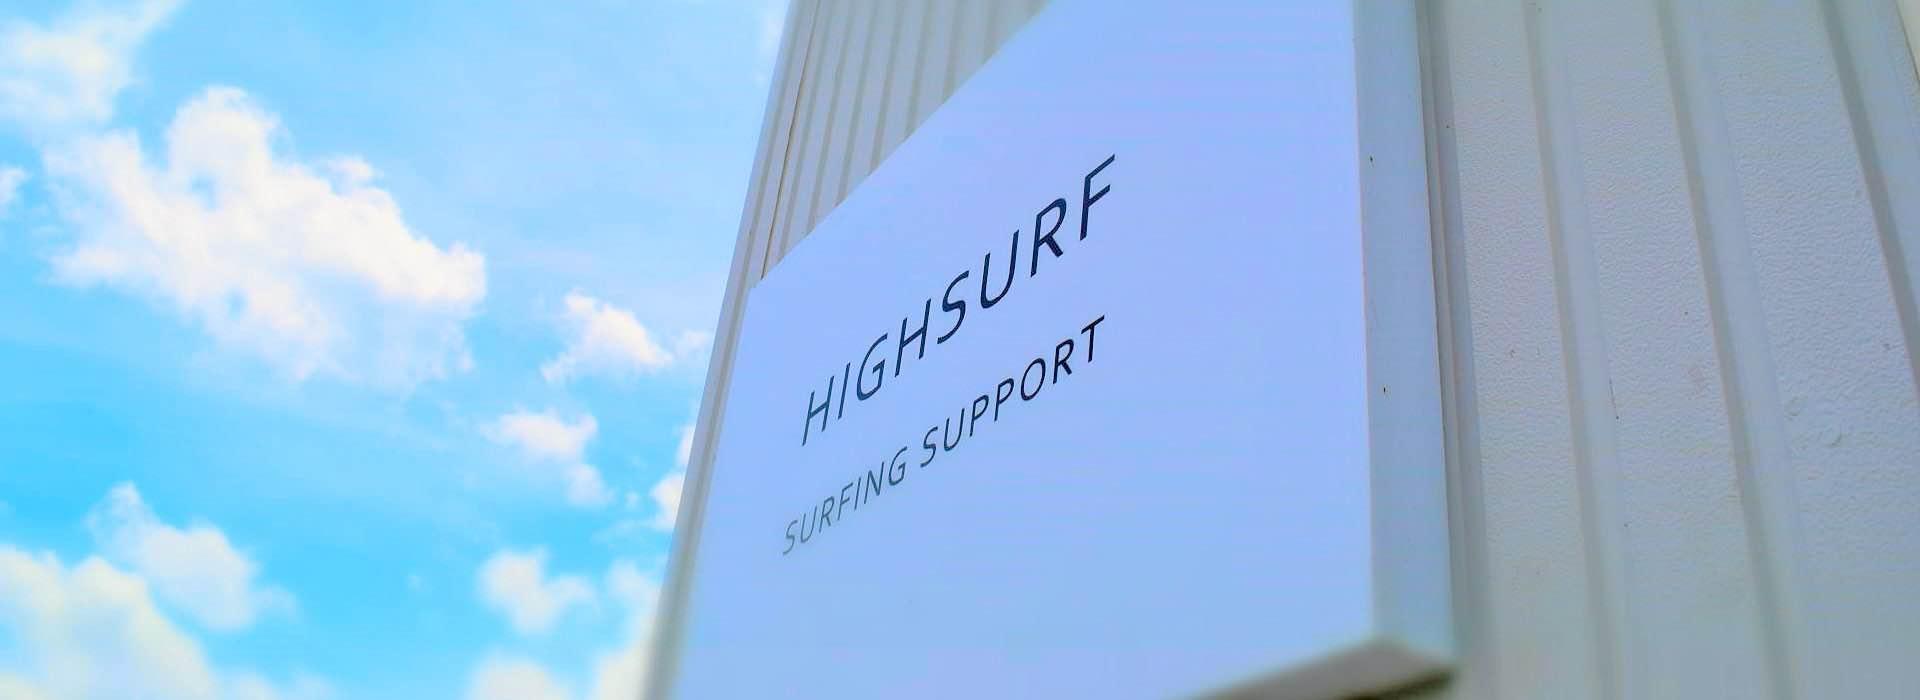 宮崎でサーフィン!サーフショップHIGHSURF